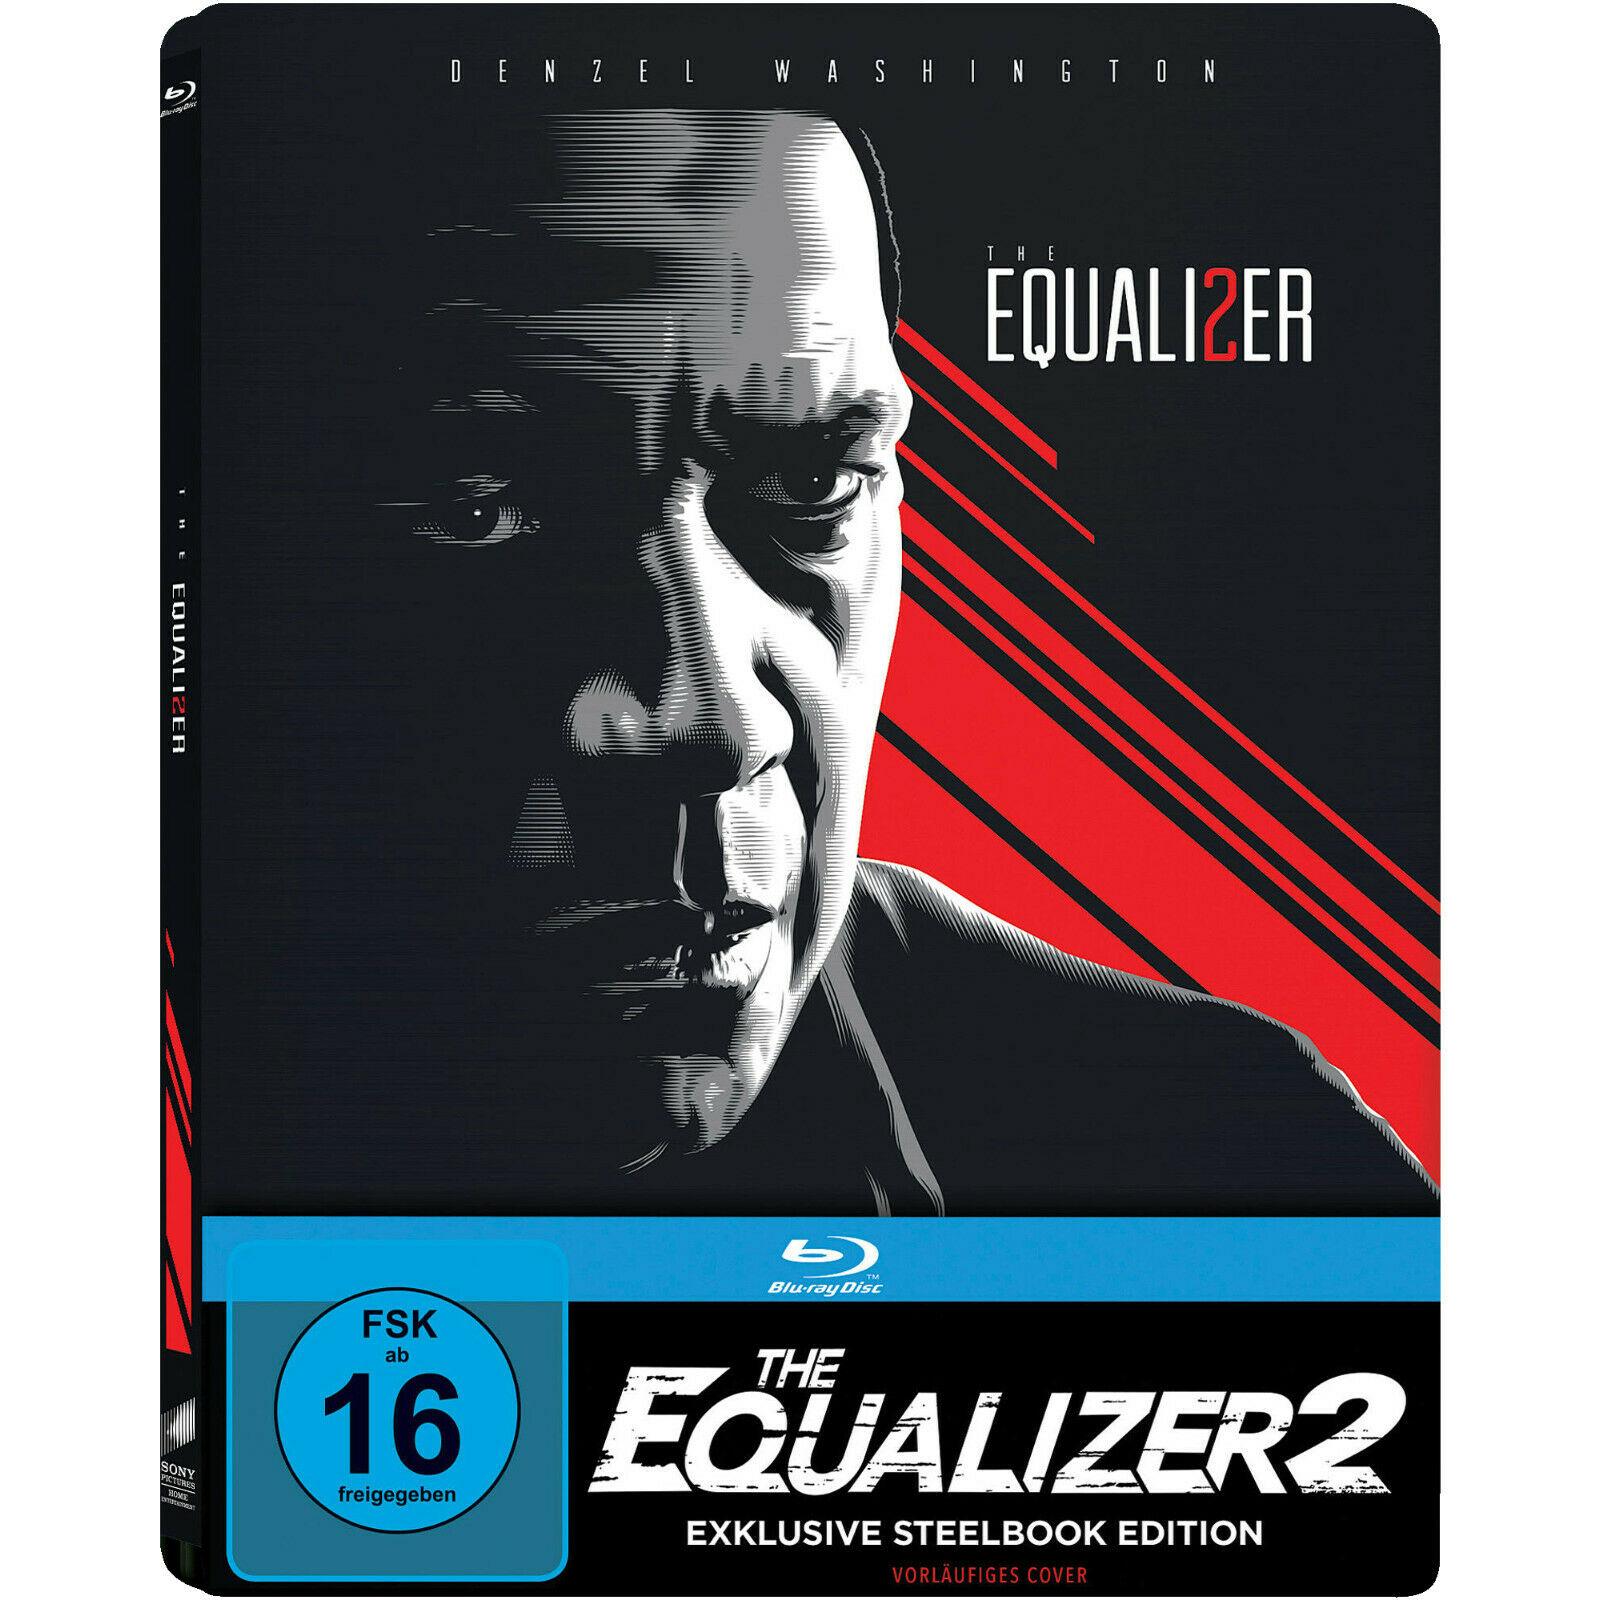 The Equalizer 2 Limited Steelbook Edition (Blu-ray) 7€ versandkostenfrei (Saturn)